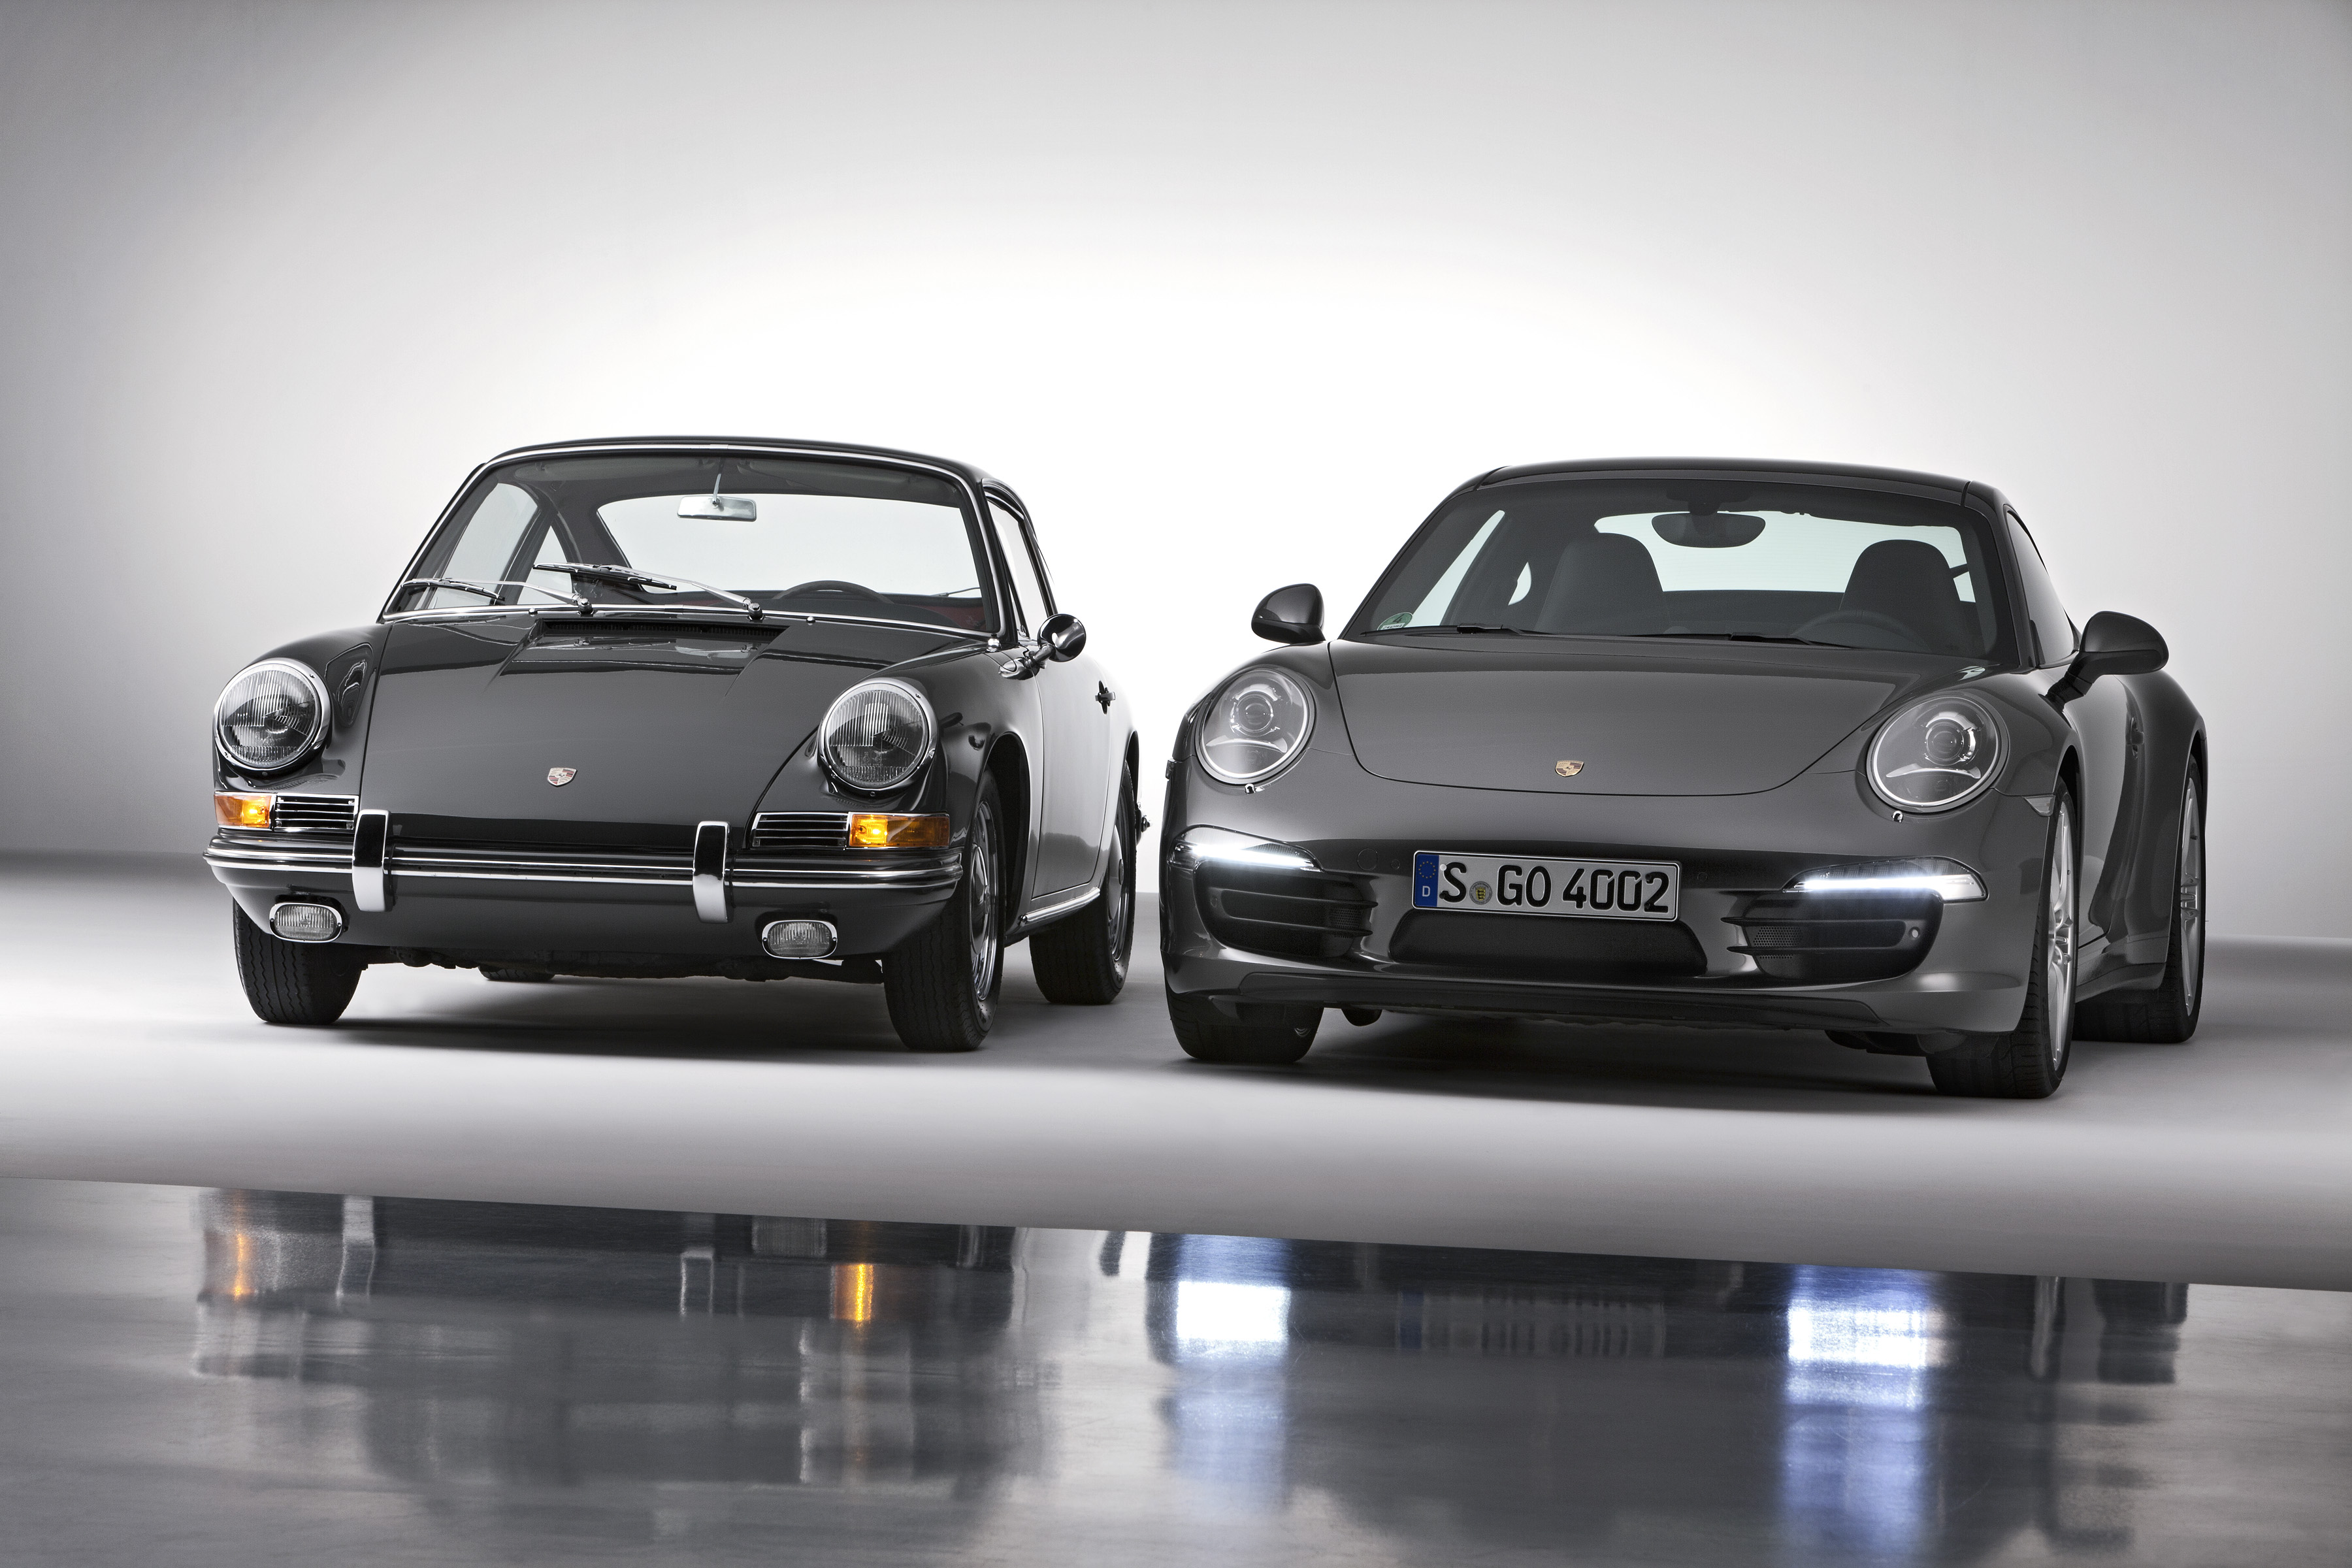 Merveilleux Porsche 911 Carrera 4S Coupé And Porsche 911 2.0 Coupé (Model Year 1964)